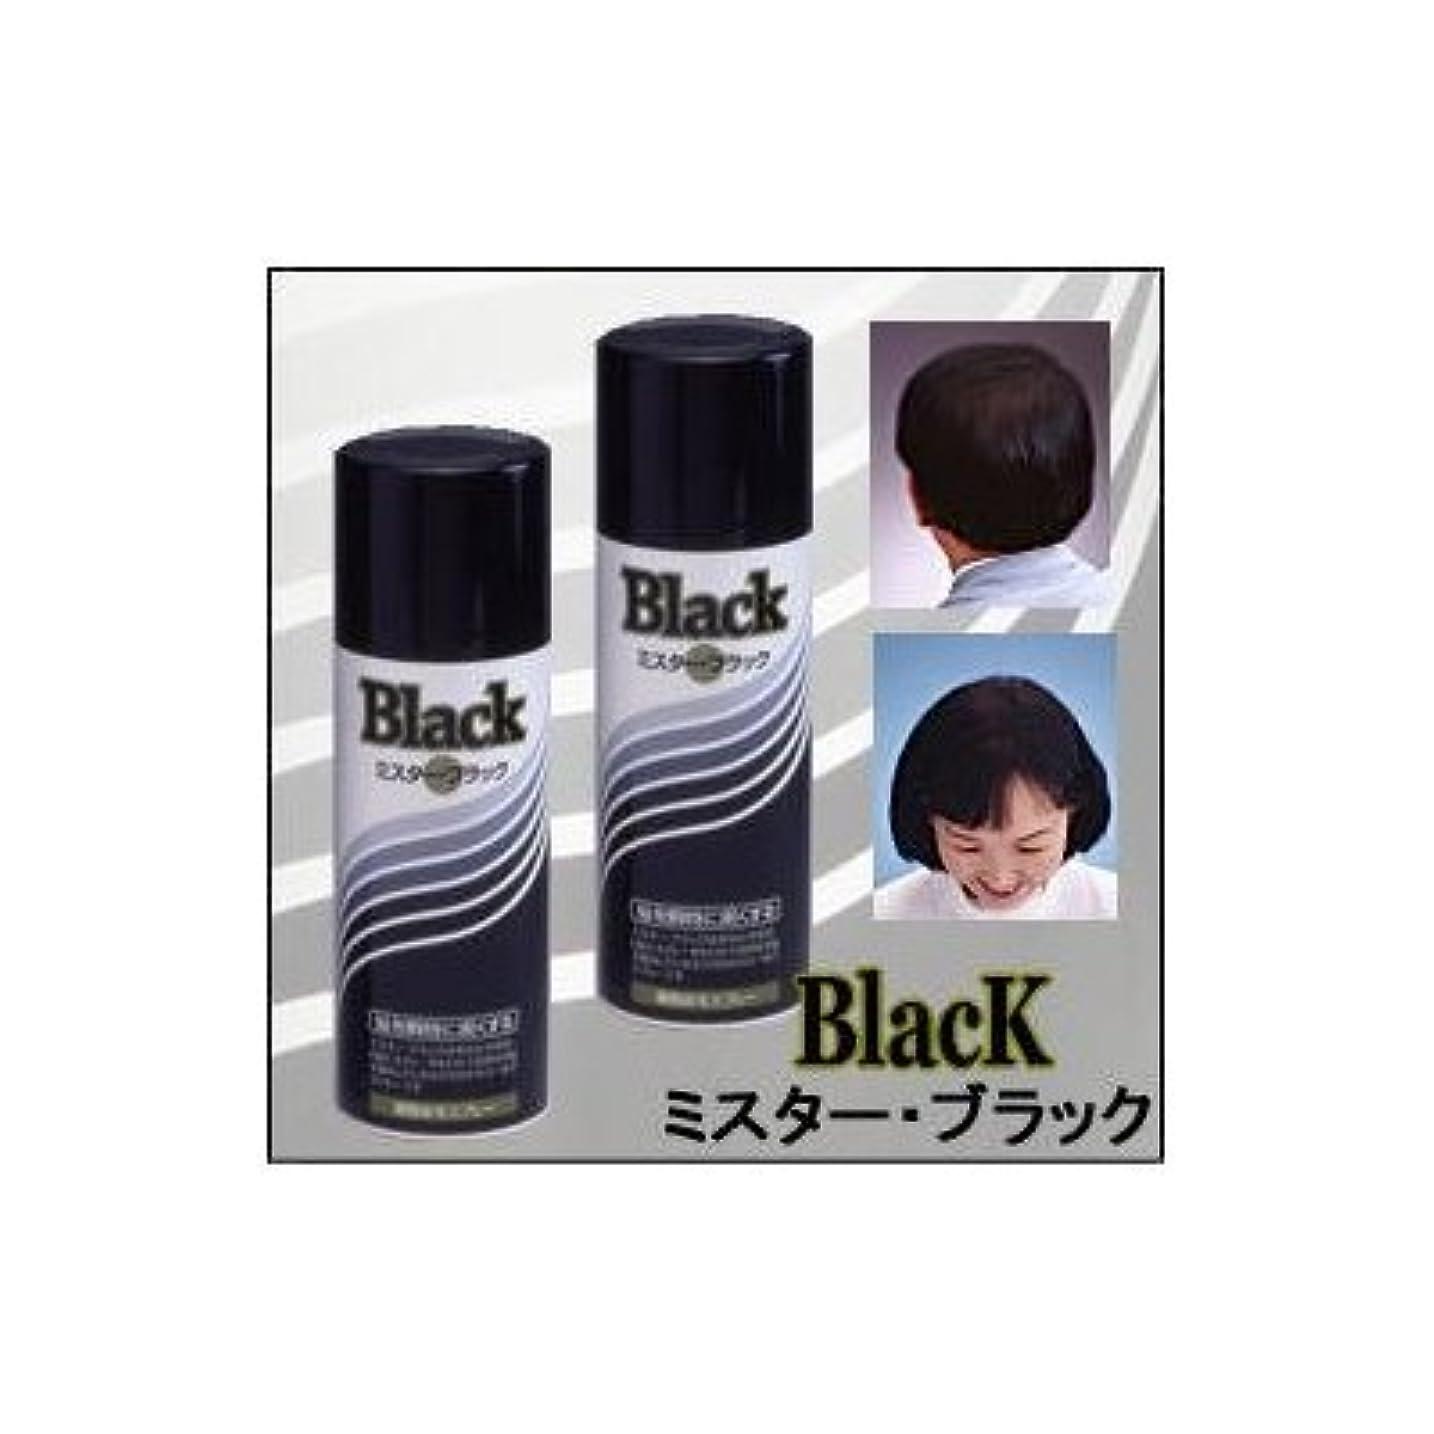 ブリッジつぶす反射『ミスターブラック ? 男女兼用』 薄毛対策スプレー  瞬時に対応 ?染毛料? 日本製 (2本組)